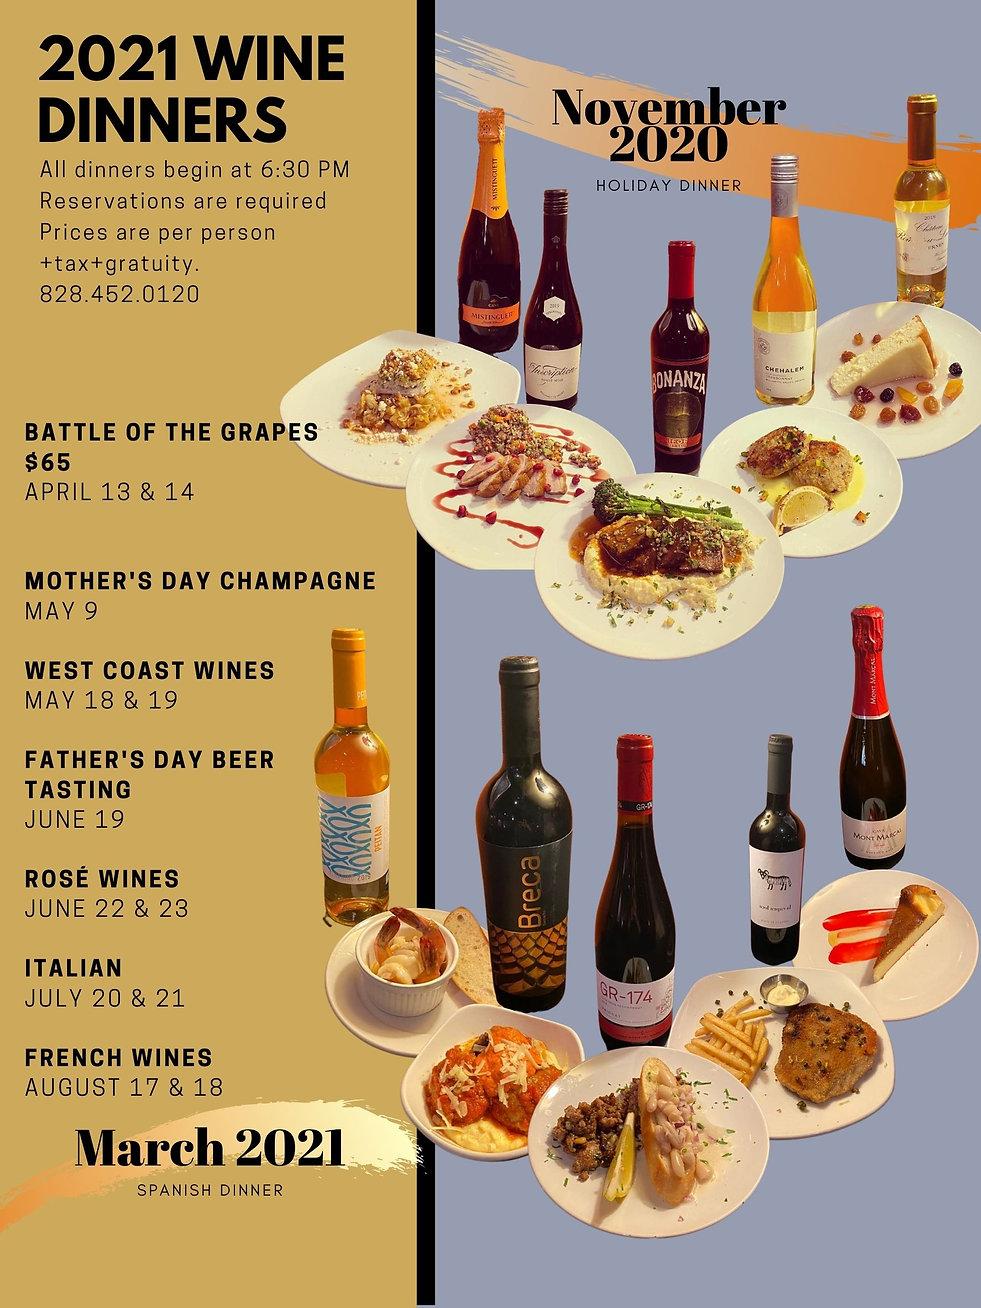 2021 wine dinners 04.jpg